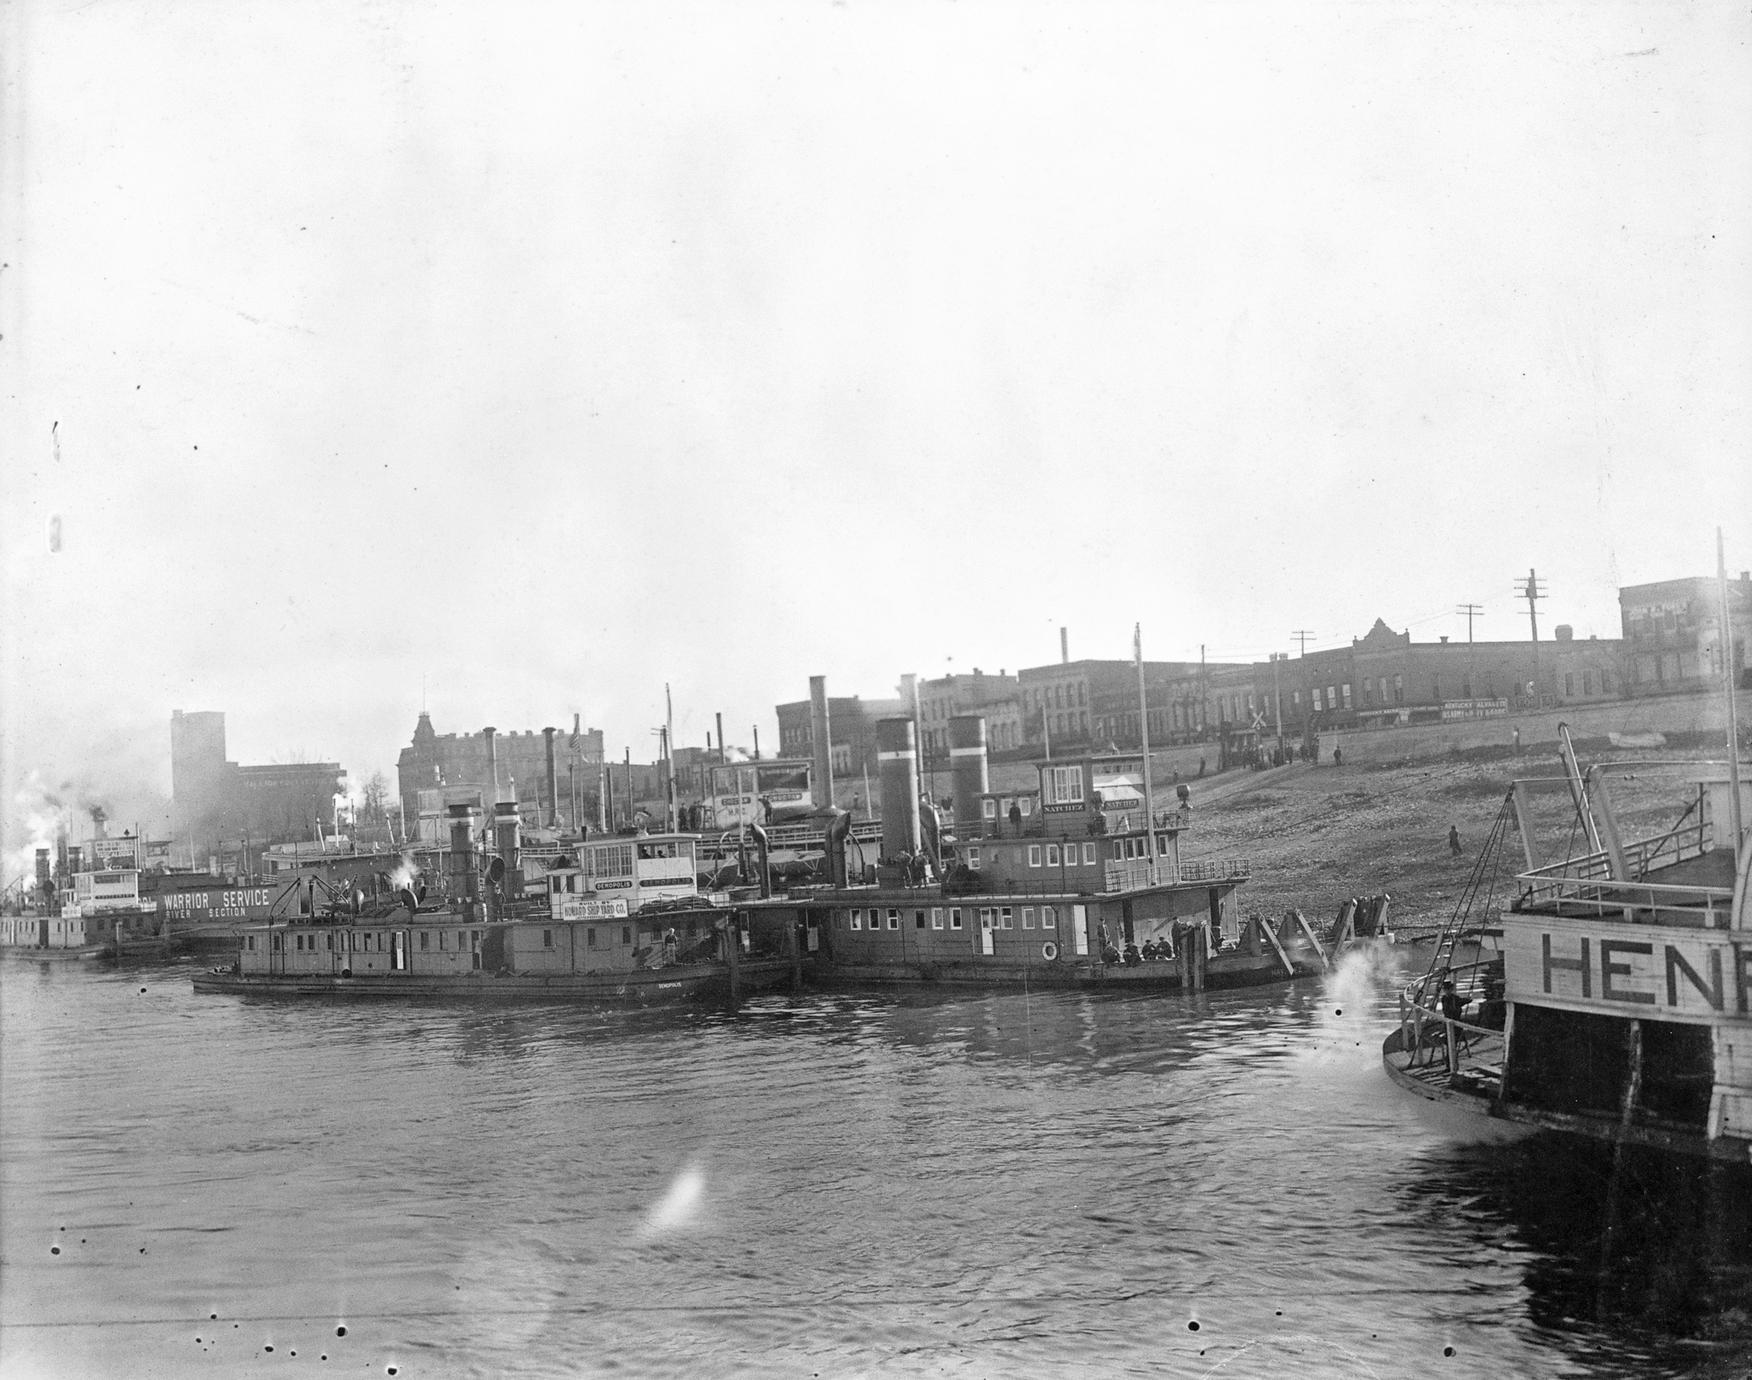 Natchez (Towboat, 1920-1948)